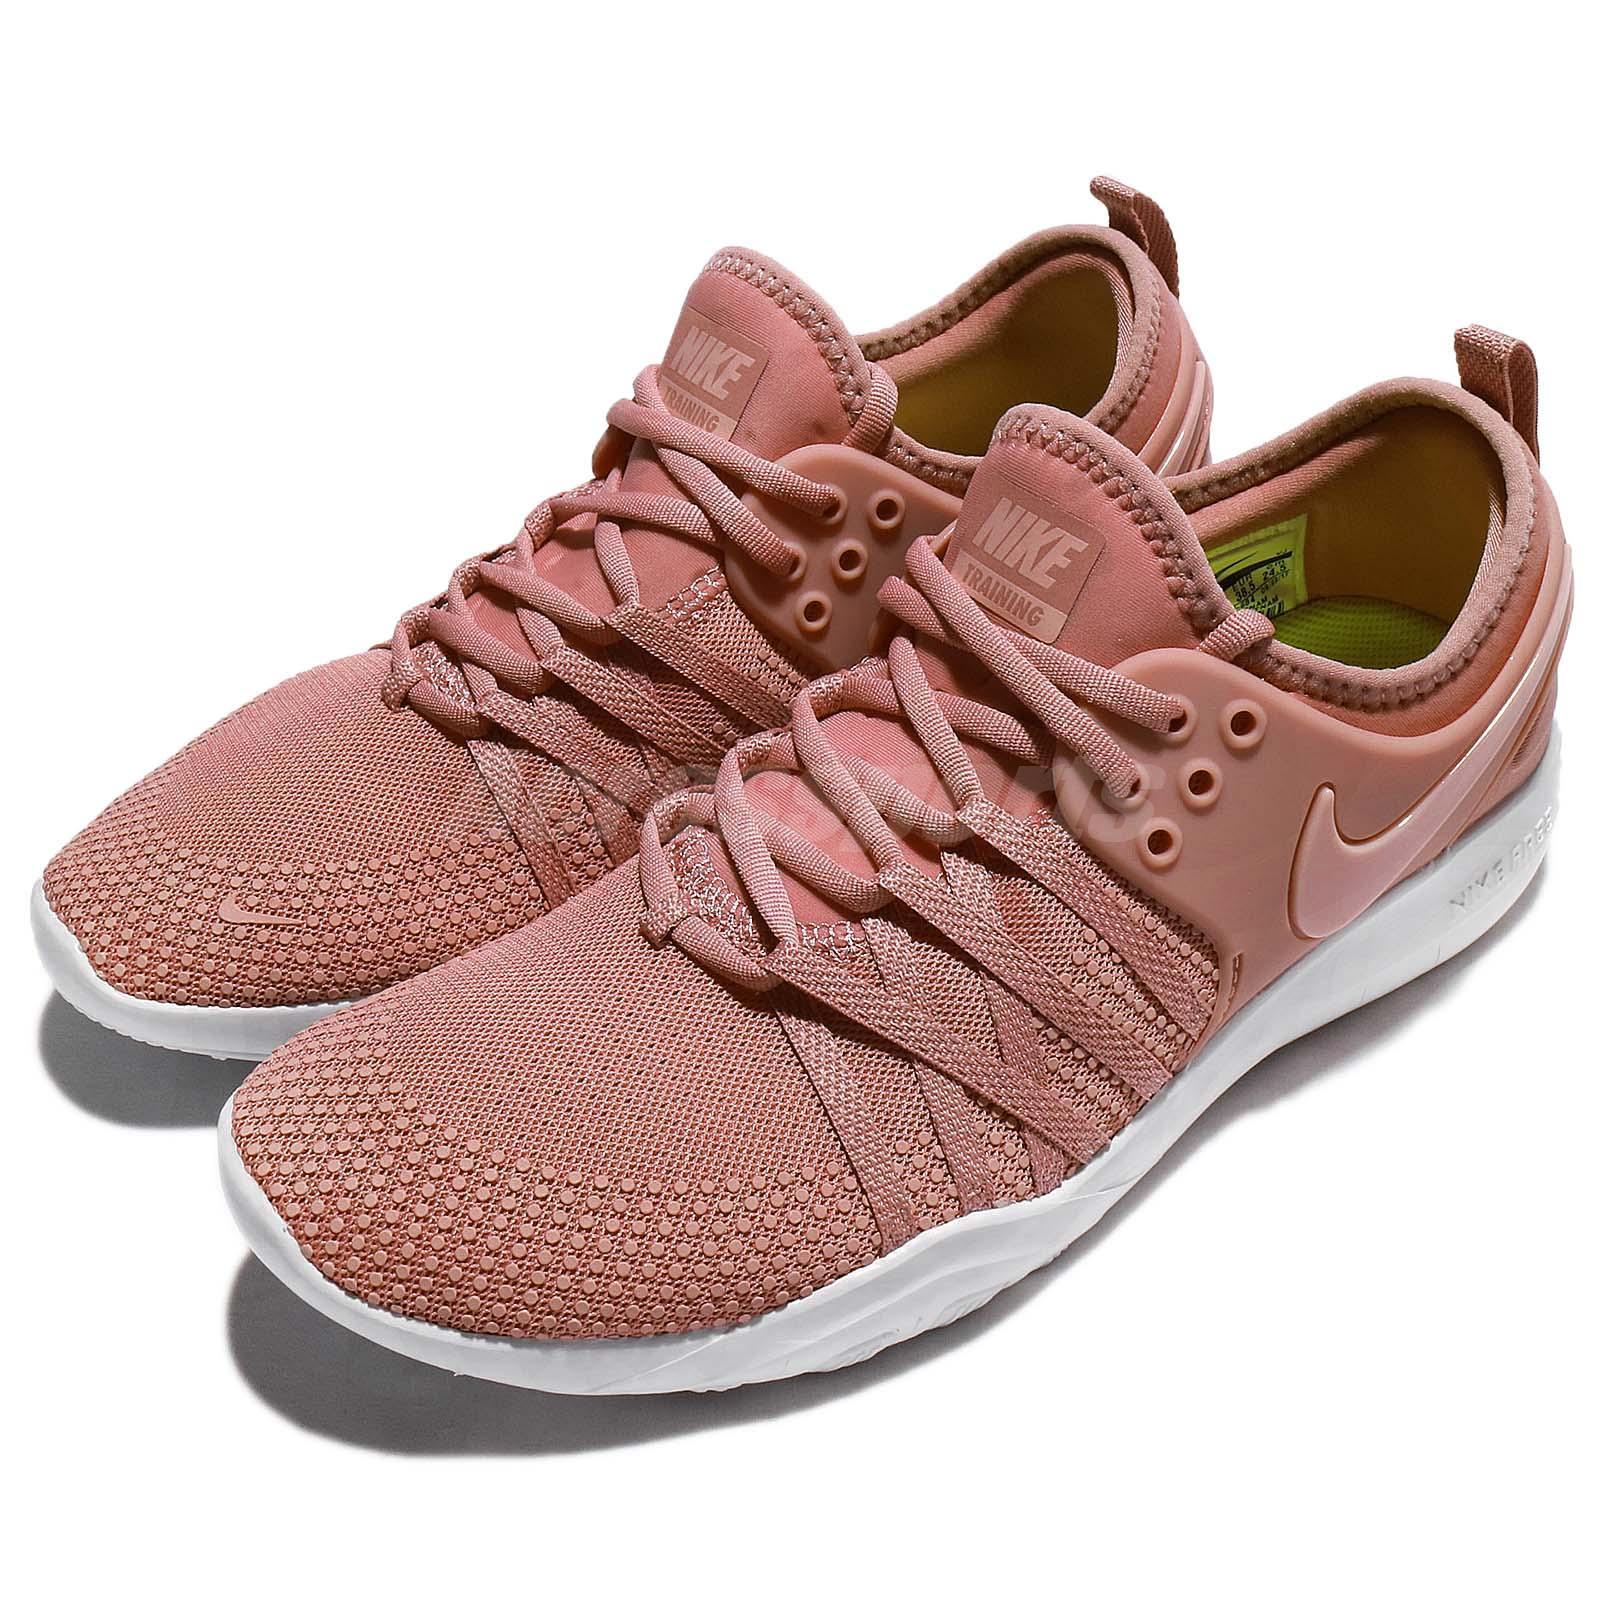 Nike Custom Shoe Return Policy